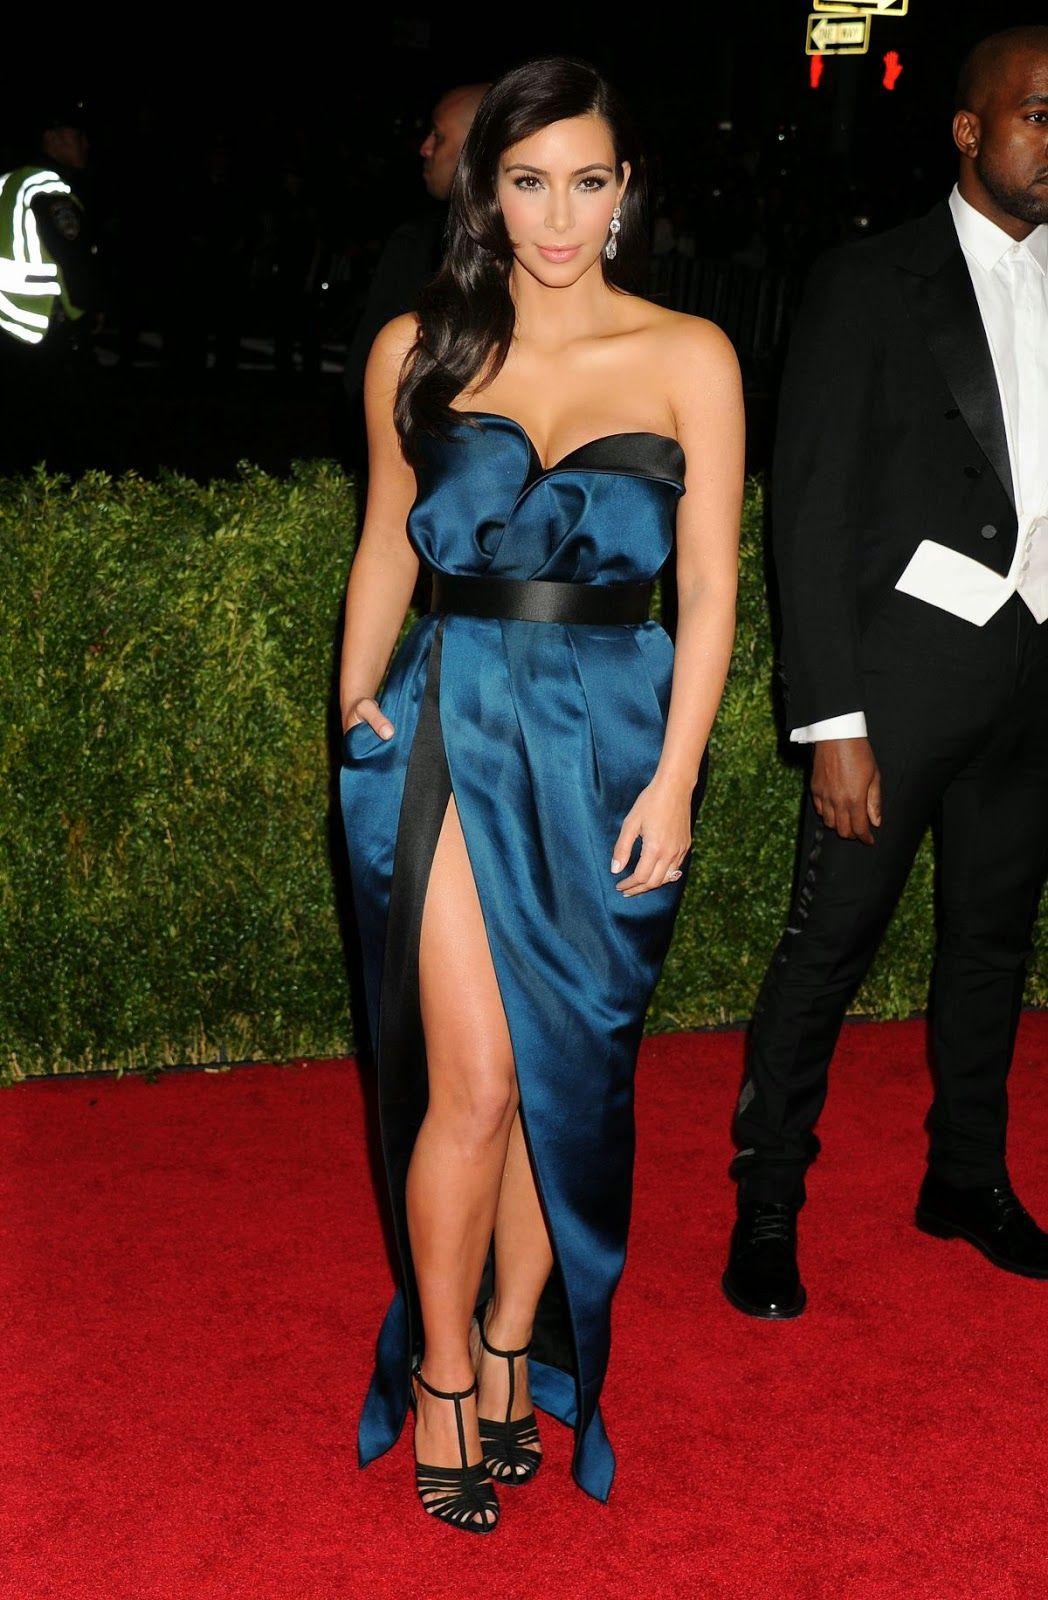 Pin by Bare Min on Kim kardashian | Strapless dress formal